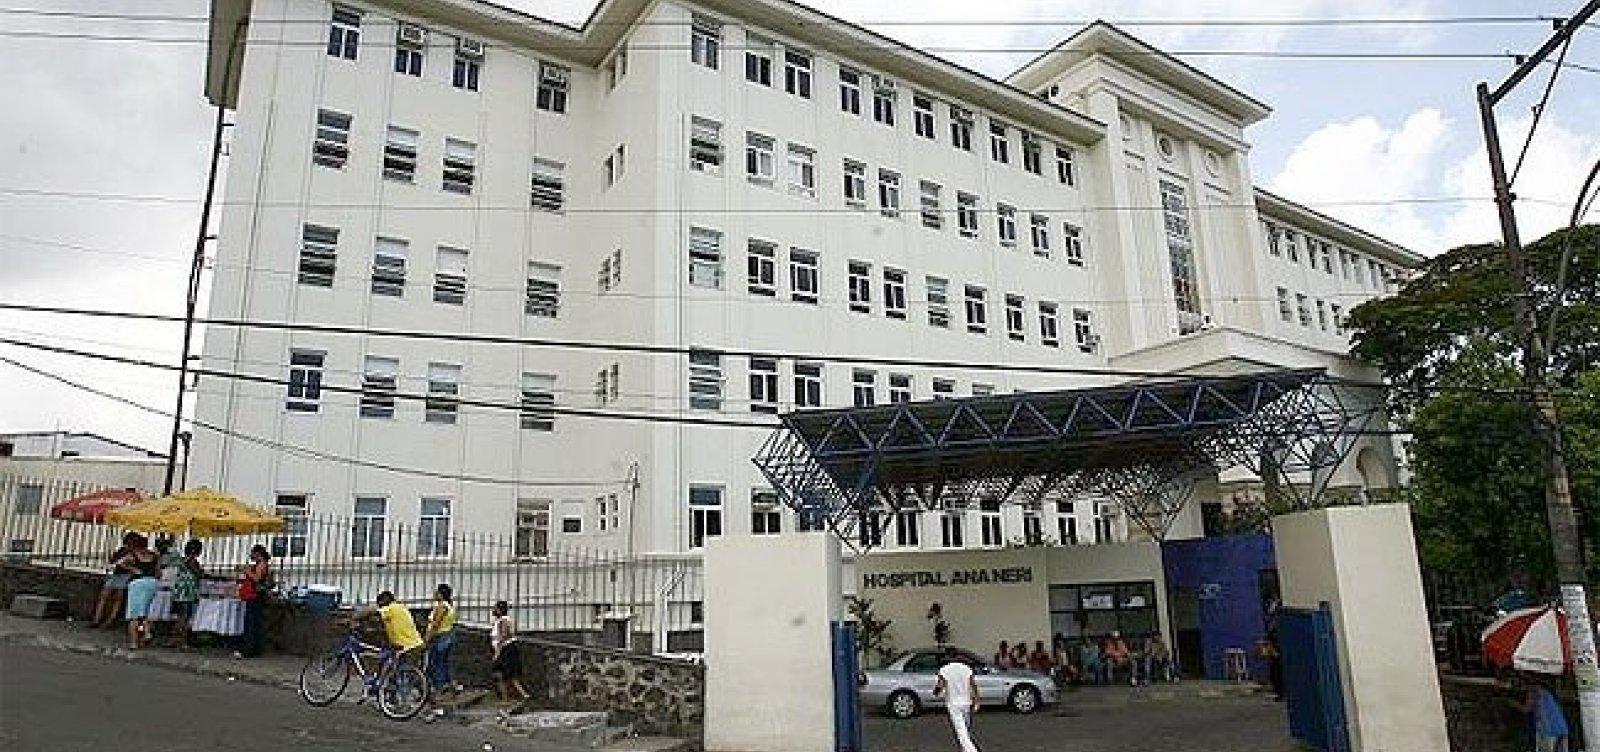 [Pacientes da enfermaria sofrem com falta de ar-condicionado no Hospital Ana Nery, diz denúncia ]